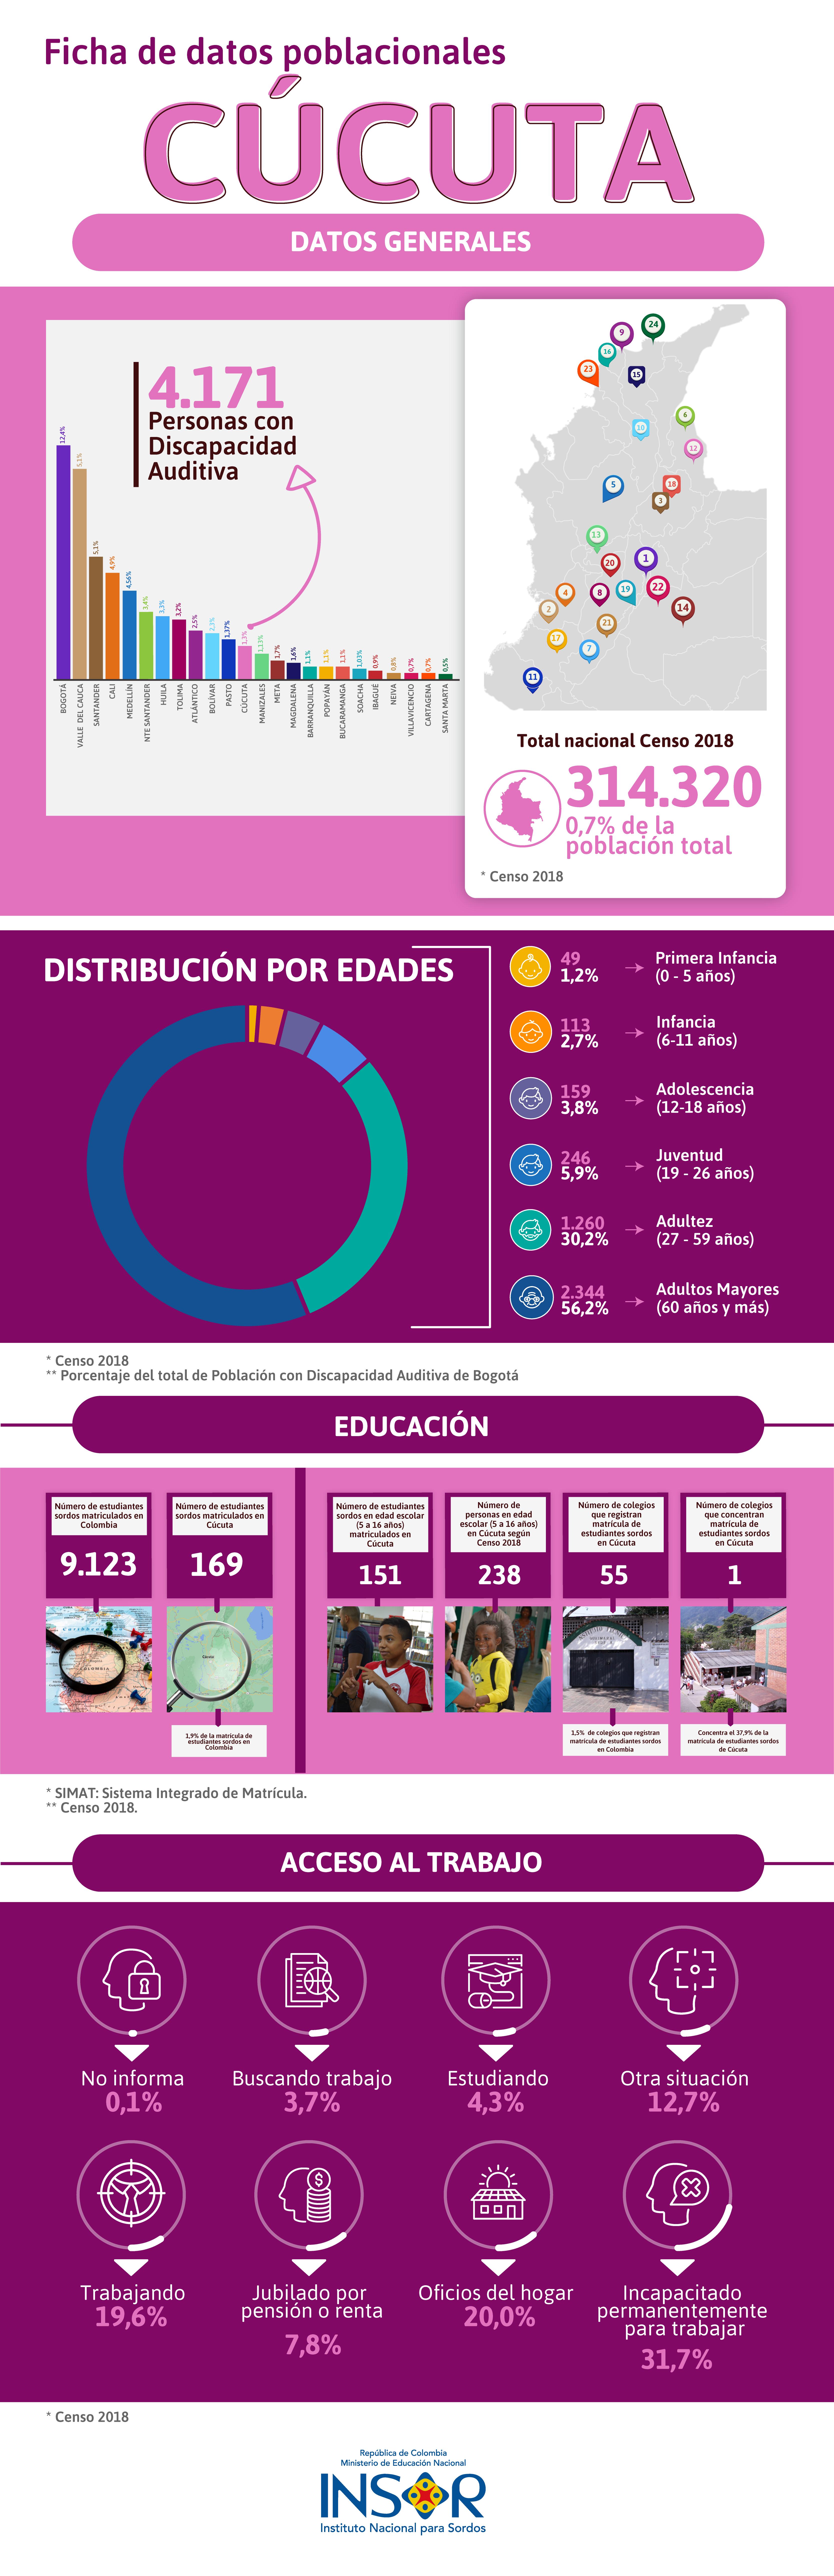 En esta infografía están los datos poblacionales de la comunidad sorda de Cúcuta